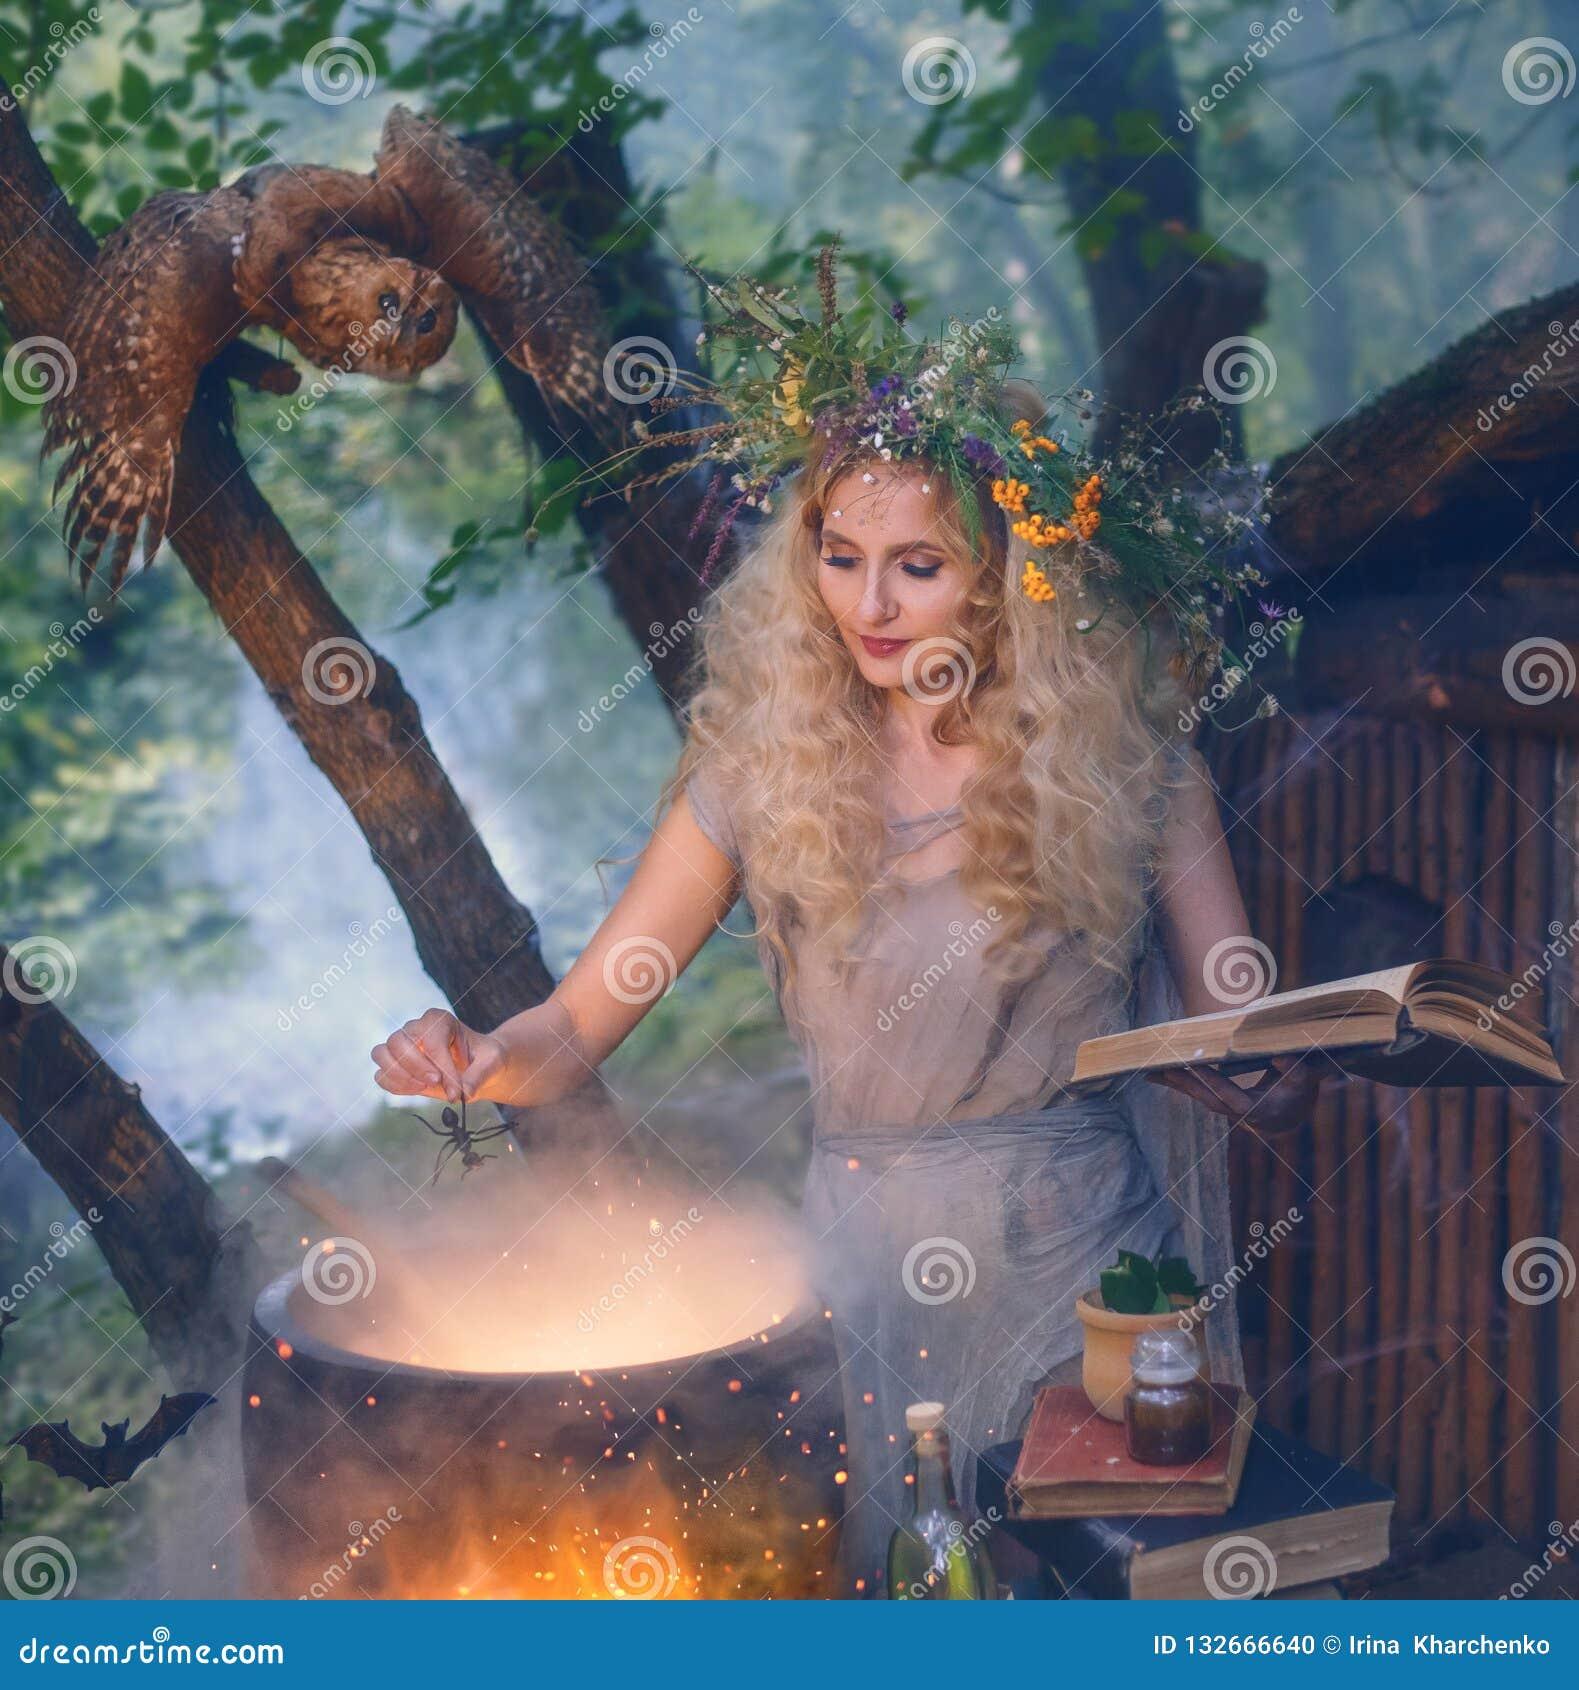 Ελκυστικό νέο κορίτσι με τα ξανθά μαλλιά με ένα καταπληκτικό πολύβλαστο στεφάνι στο κεφάλι της στο δάσος, που προετοιμάζει τη φίλ